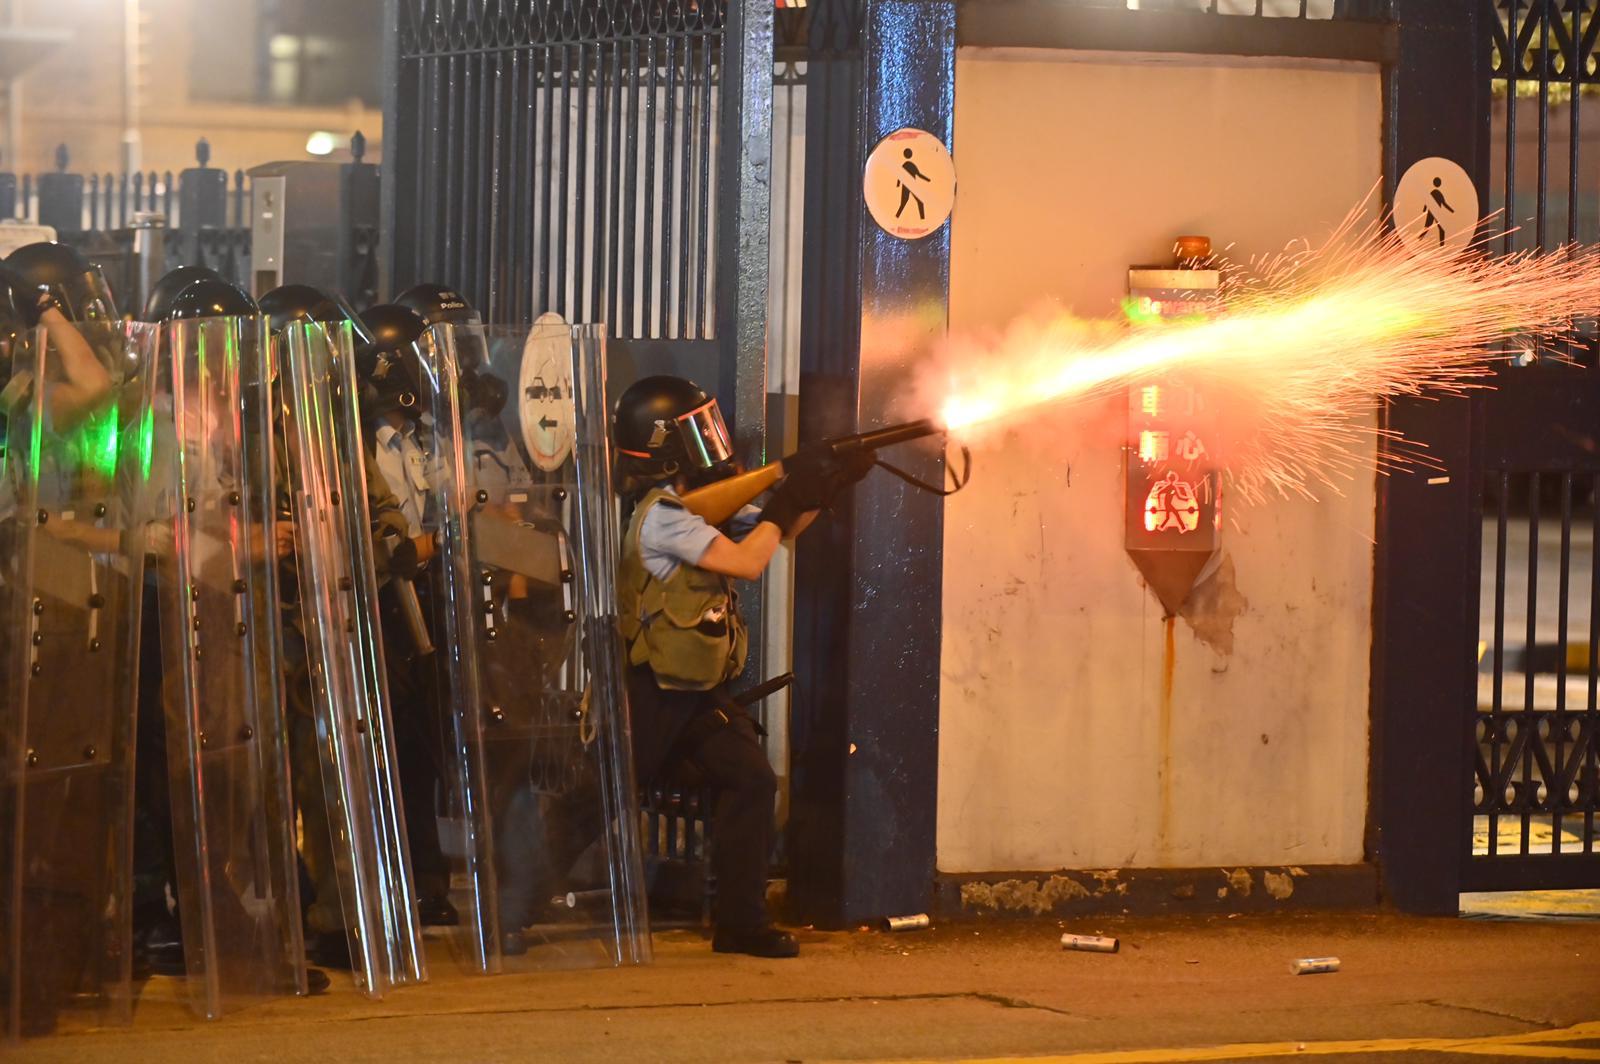 防暴警察發放催淚彈